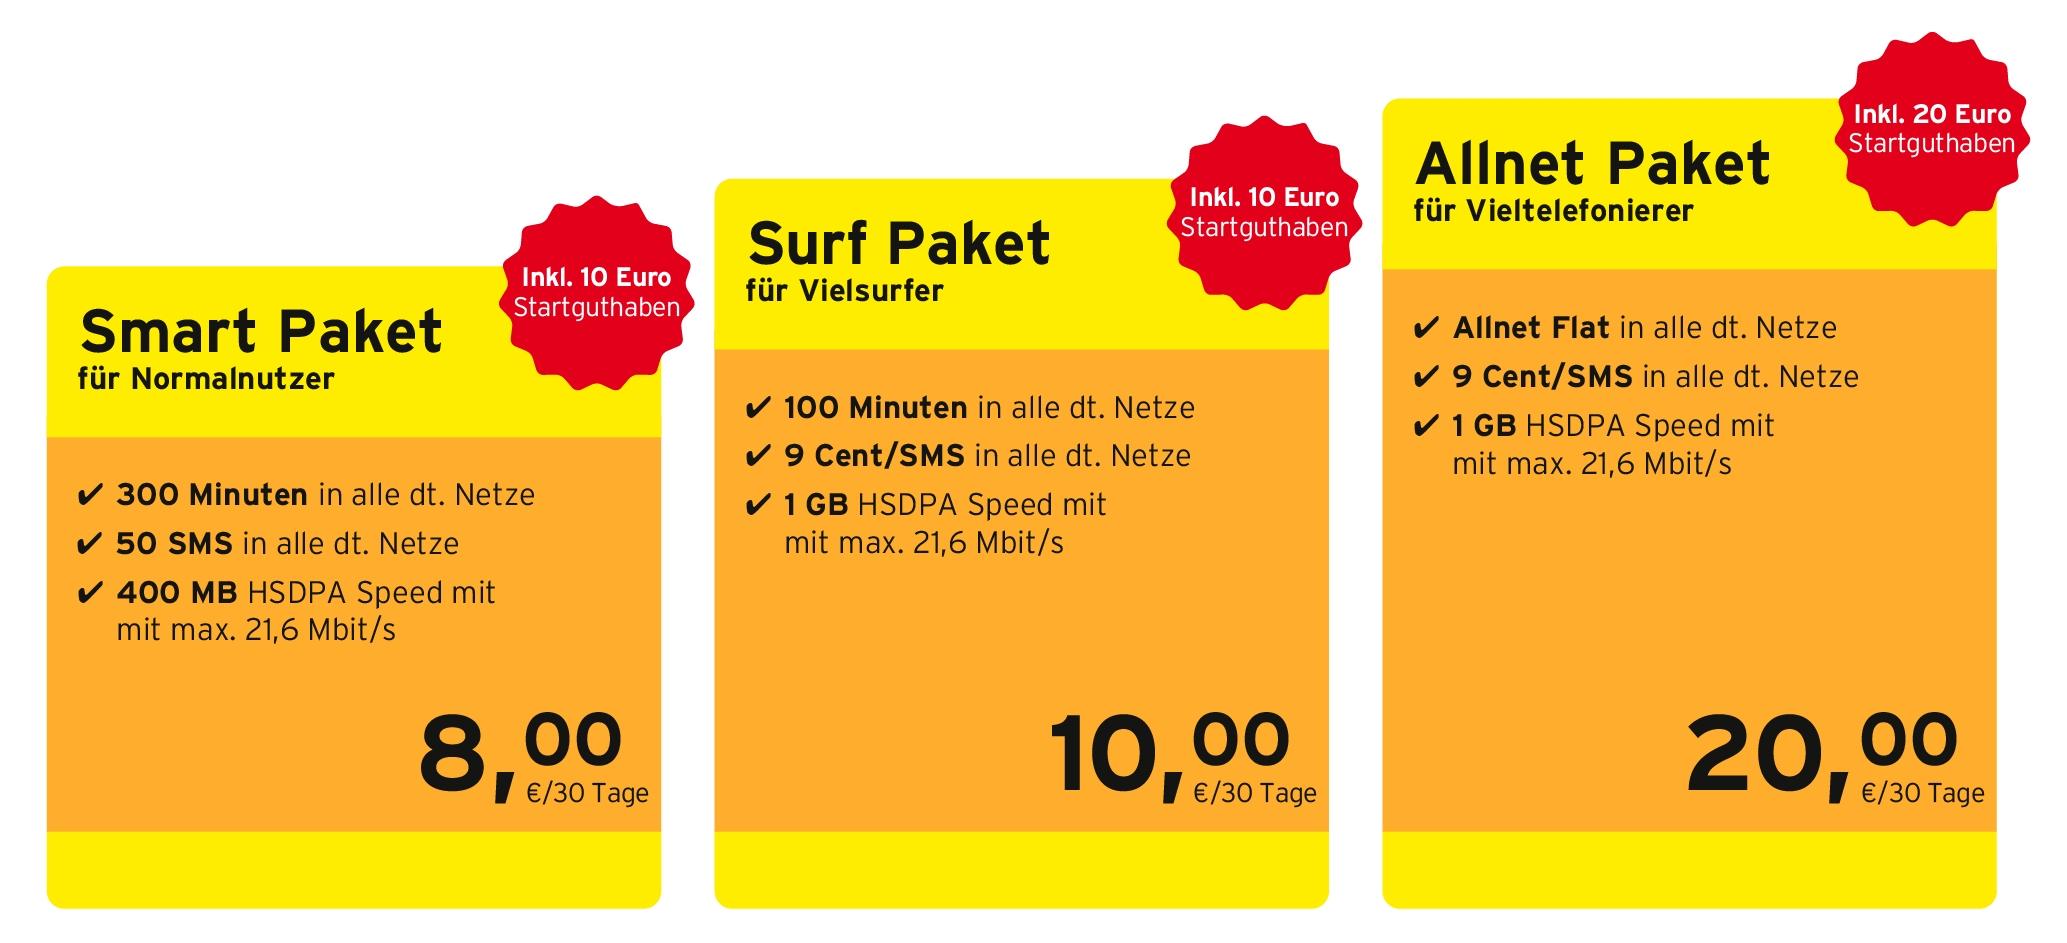 Neu bei congstar: Drei Prepaid-Pakete mit höherer Surfgeschwindigkeit